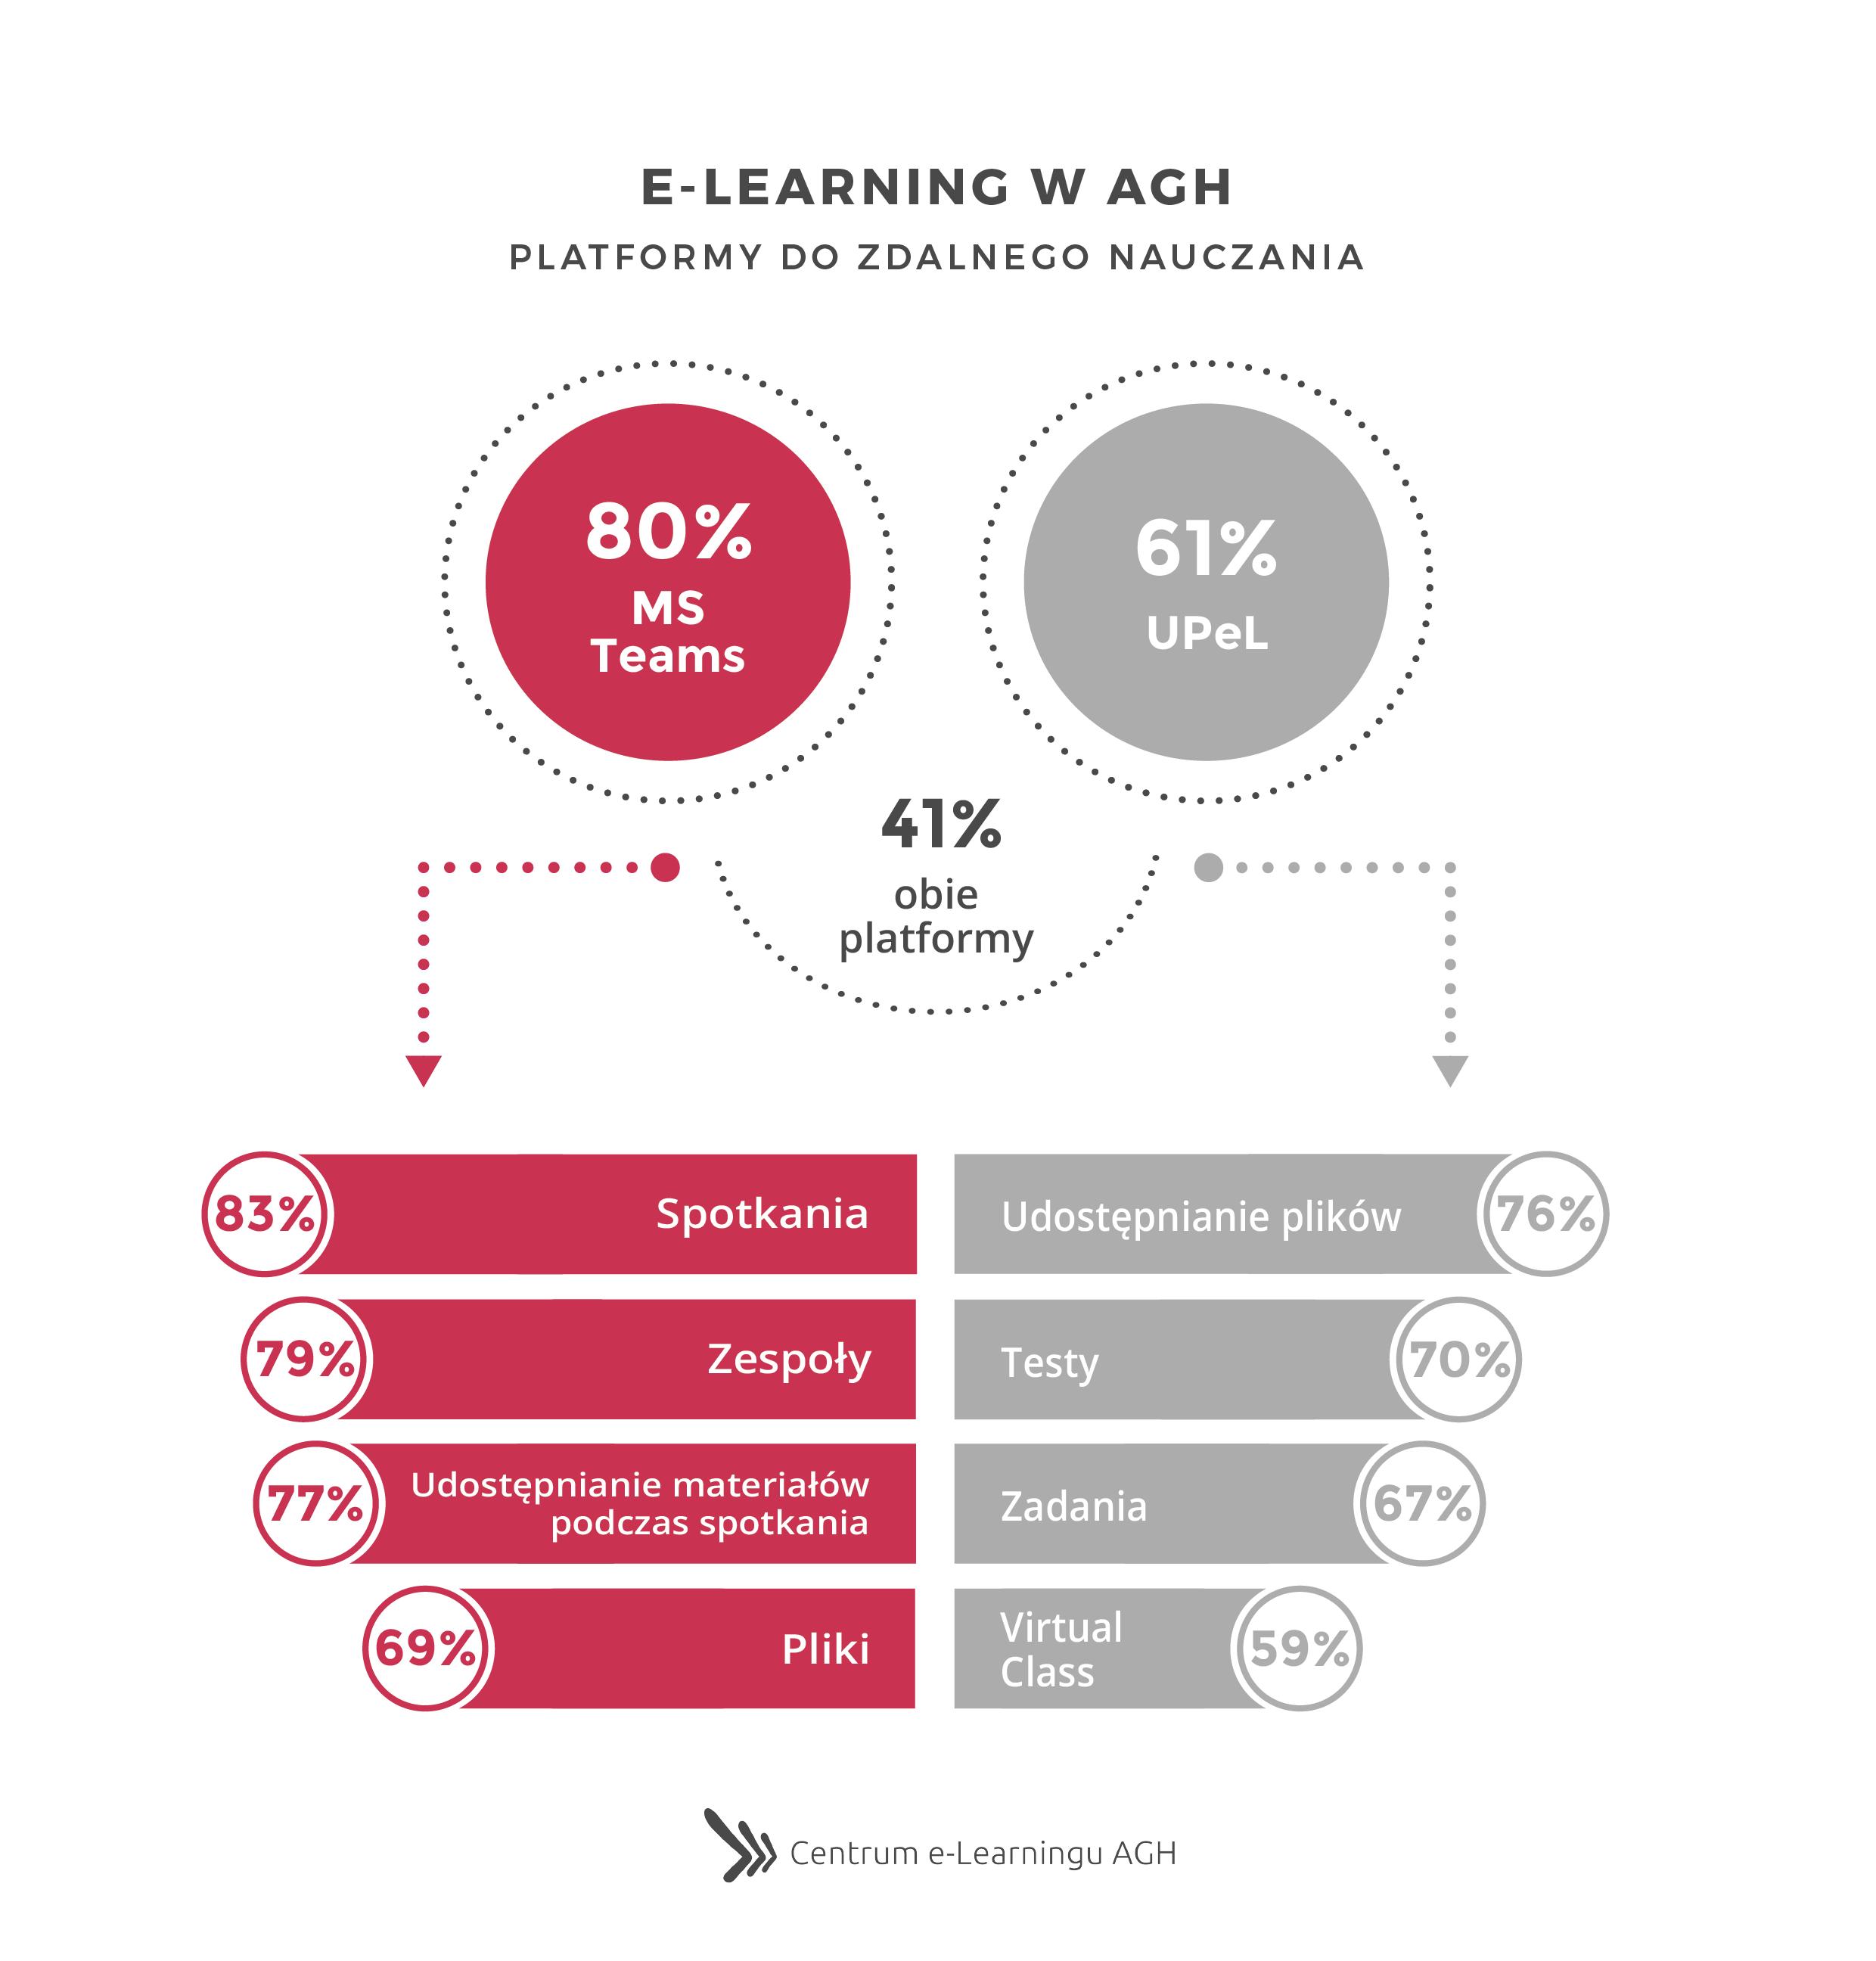 e-Learning w AGH - Platformy do zdalnego nauczania